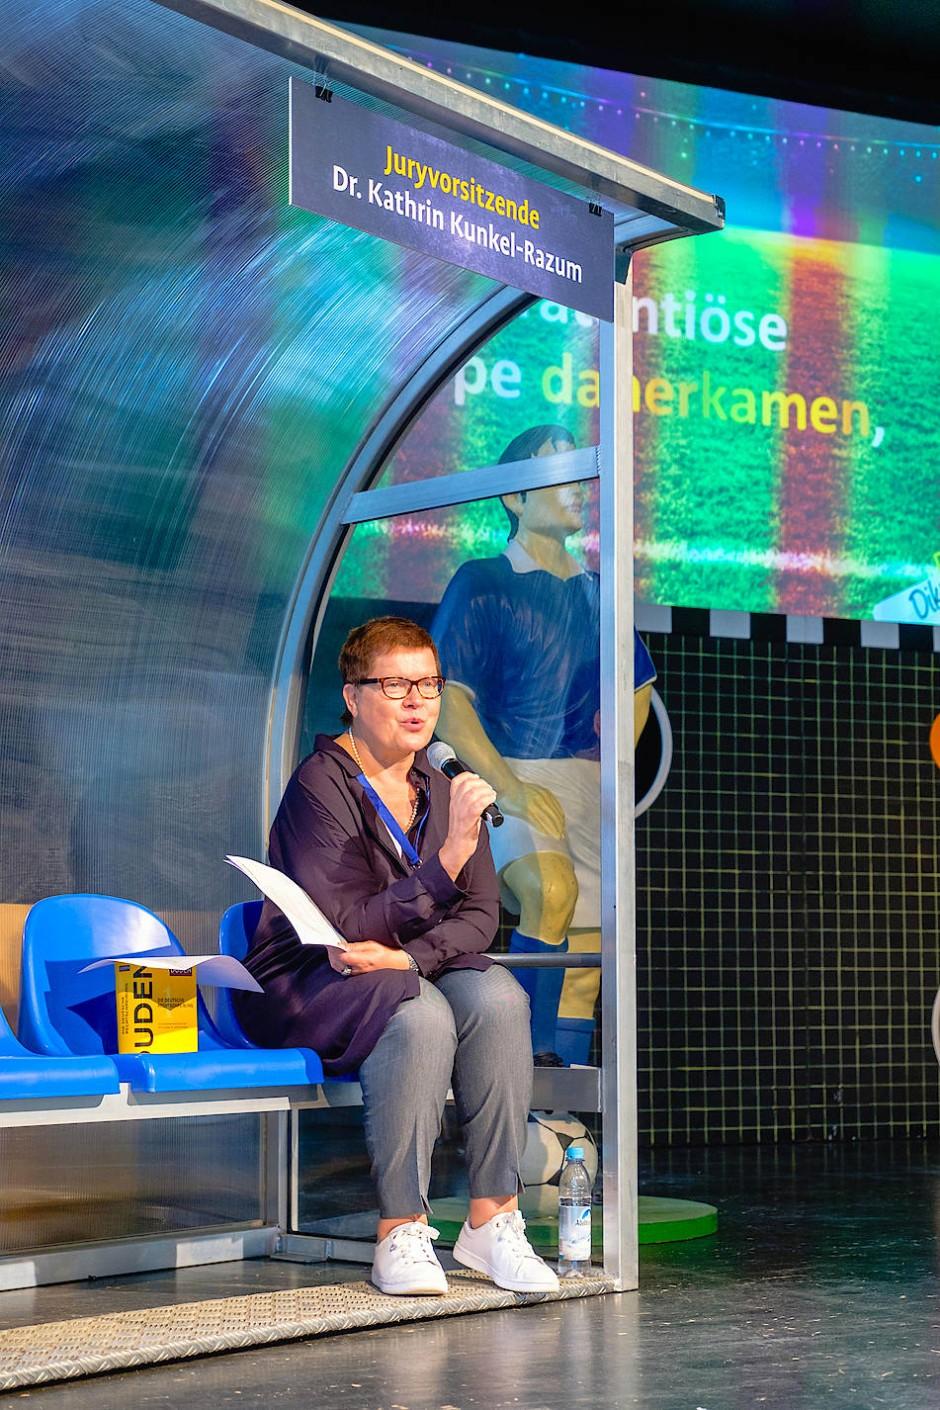 Wachsamer Blick: Duden-Chefredakteurin Dr. Kathrin Kunkel-Razum. Die Auflösung des Diktats gibt es im nächsten Bild...